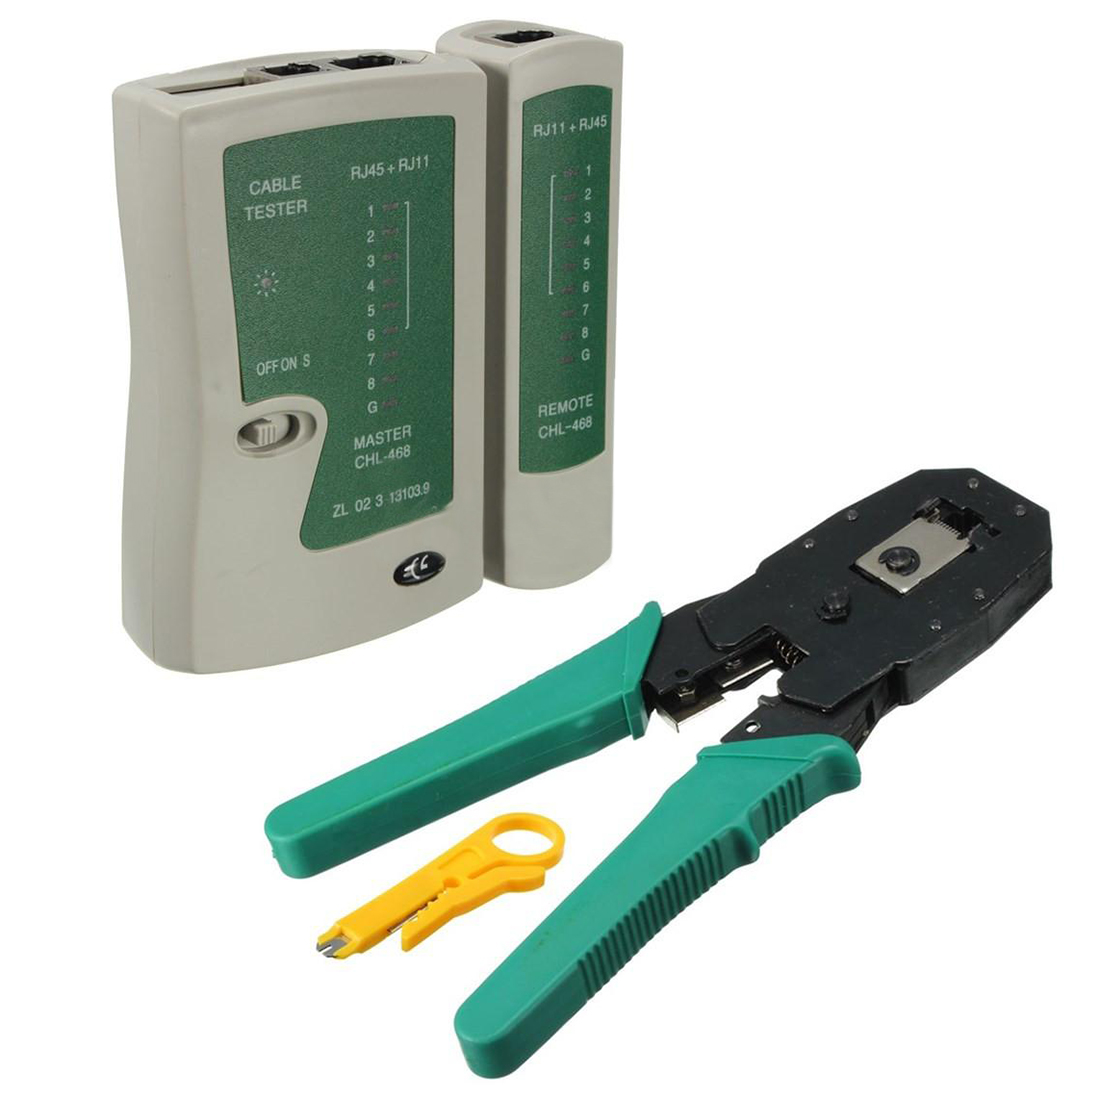 Professionelle Netzwerk Kabel Tester Lan rj45 rj11 mit Draht Kabel Crimper Crimp PC Netzwerk Hand Werkzeuge Herramientas